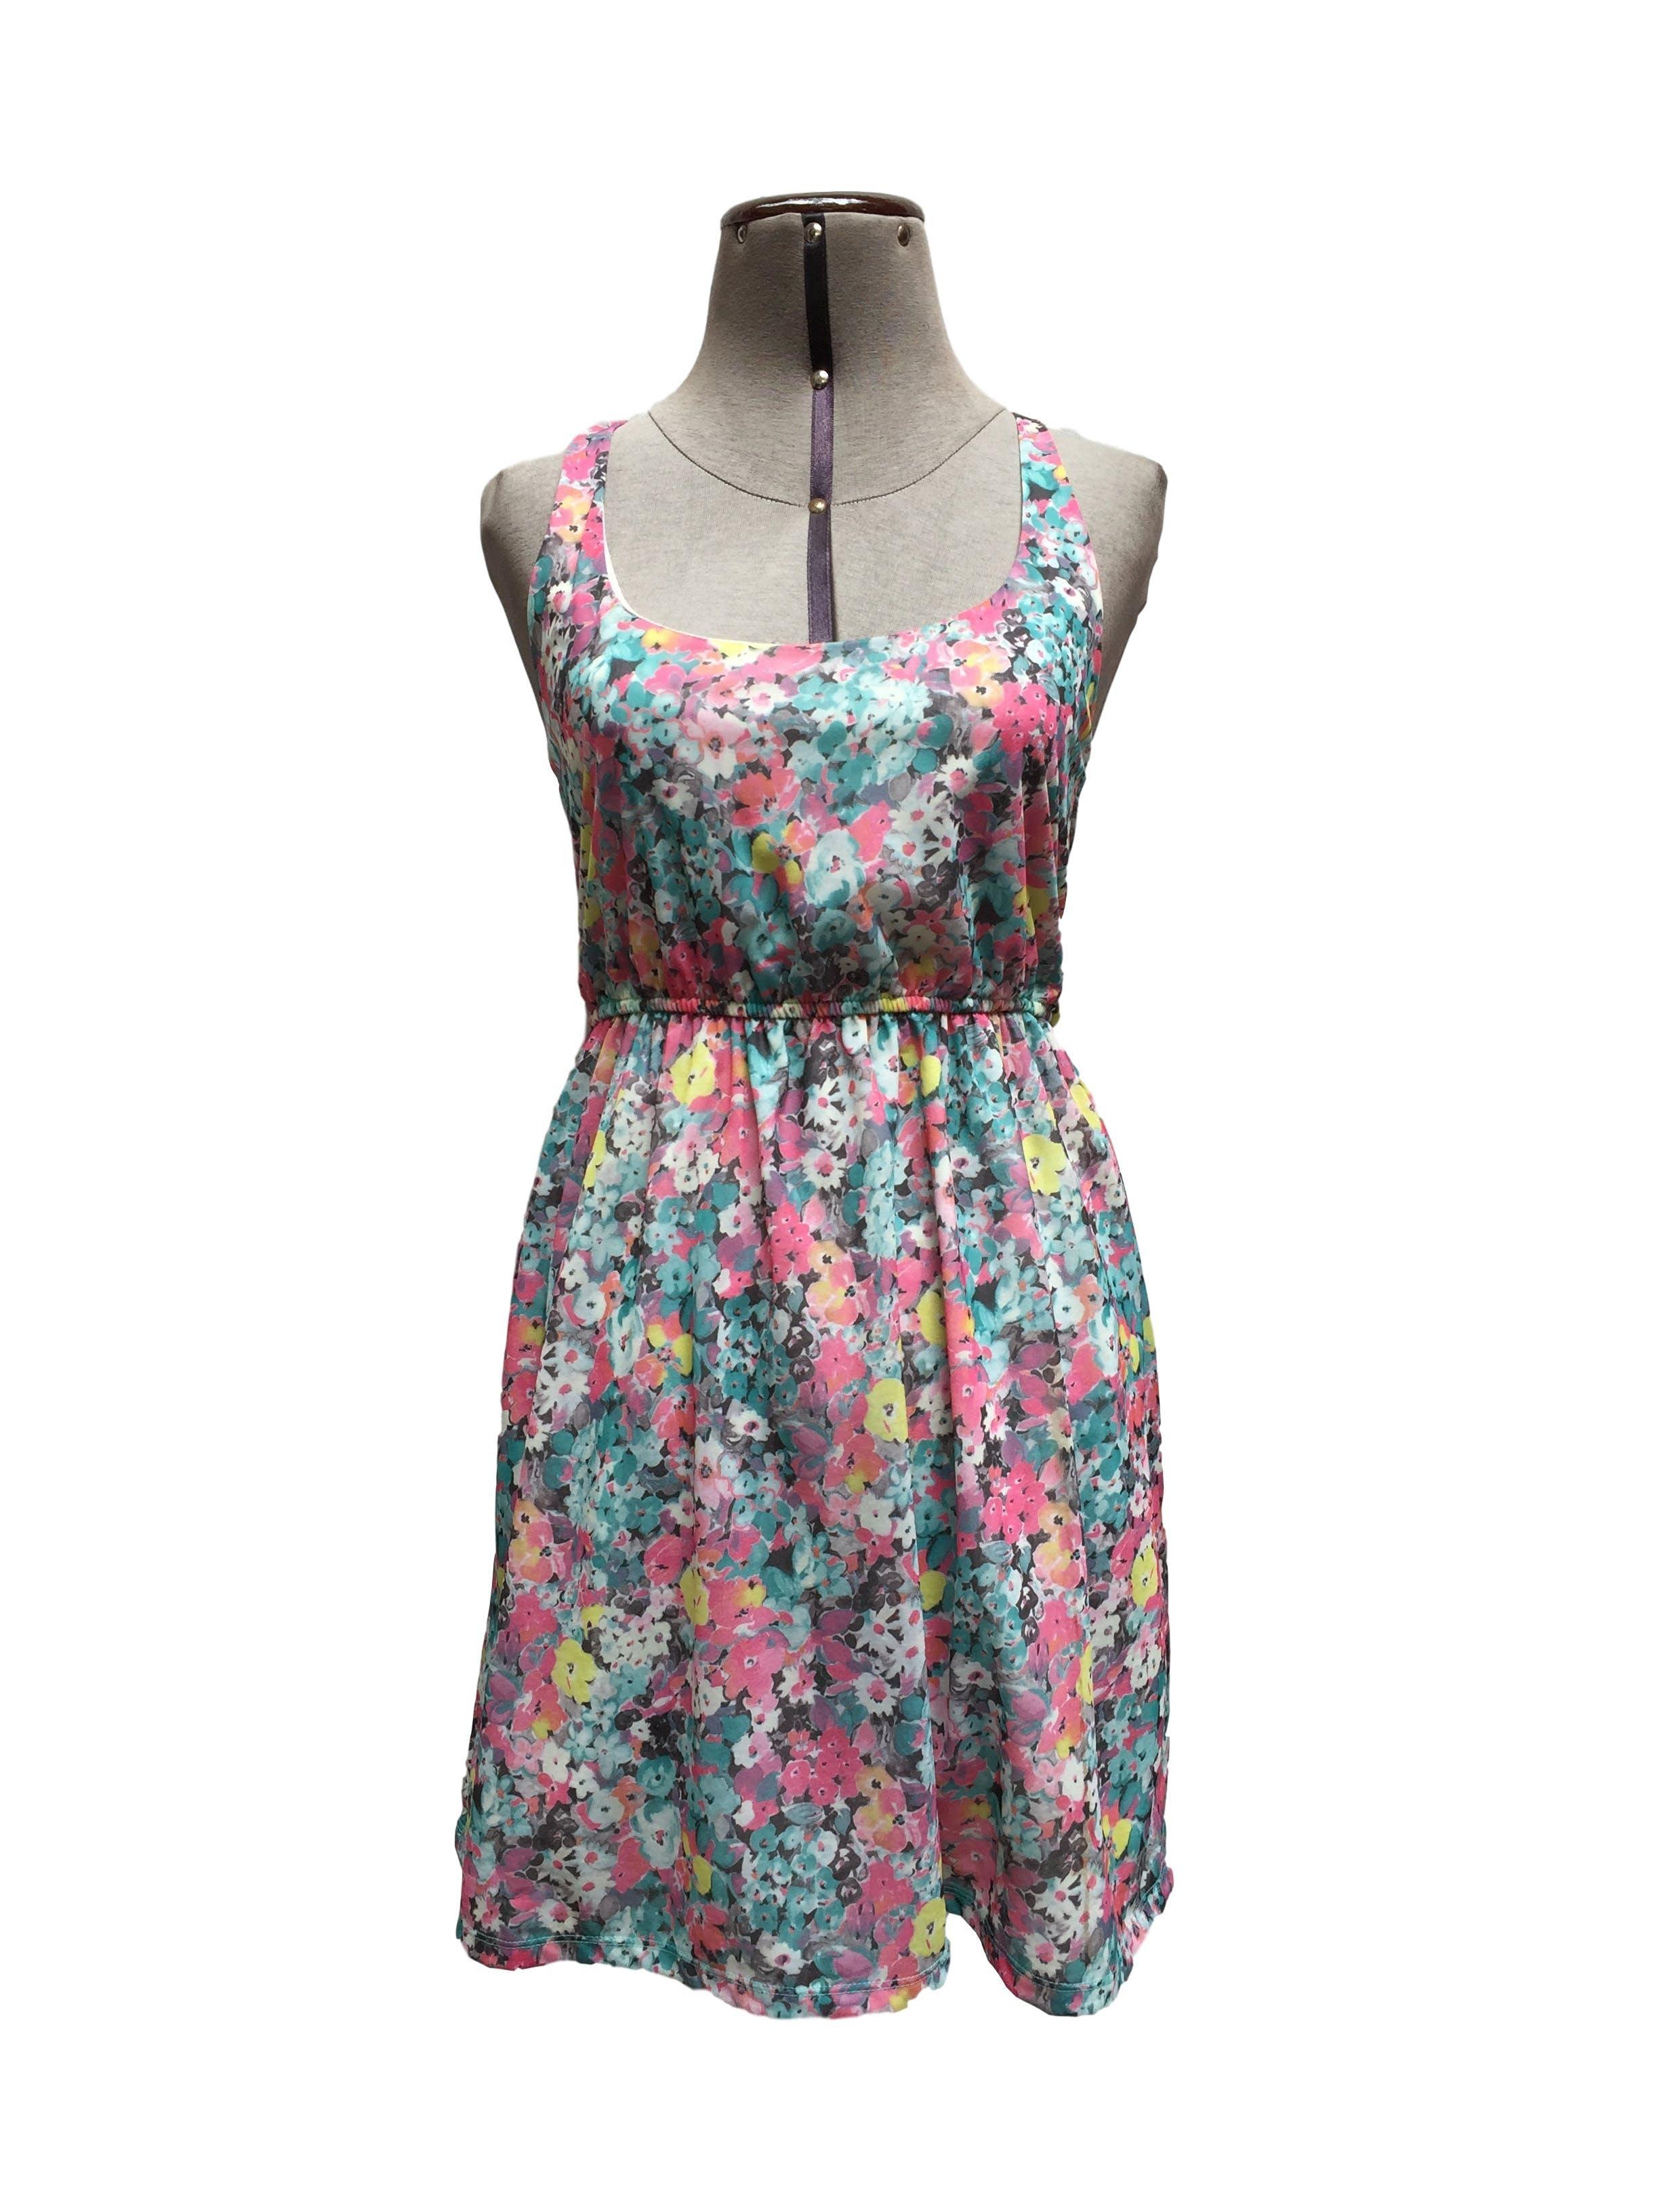 Vestido Bershka con estampado floreado de color celeste, blanco y rosado. Lleva forro, elastico en la cintura y escote con cortes en la espalda Talla S